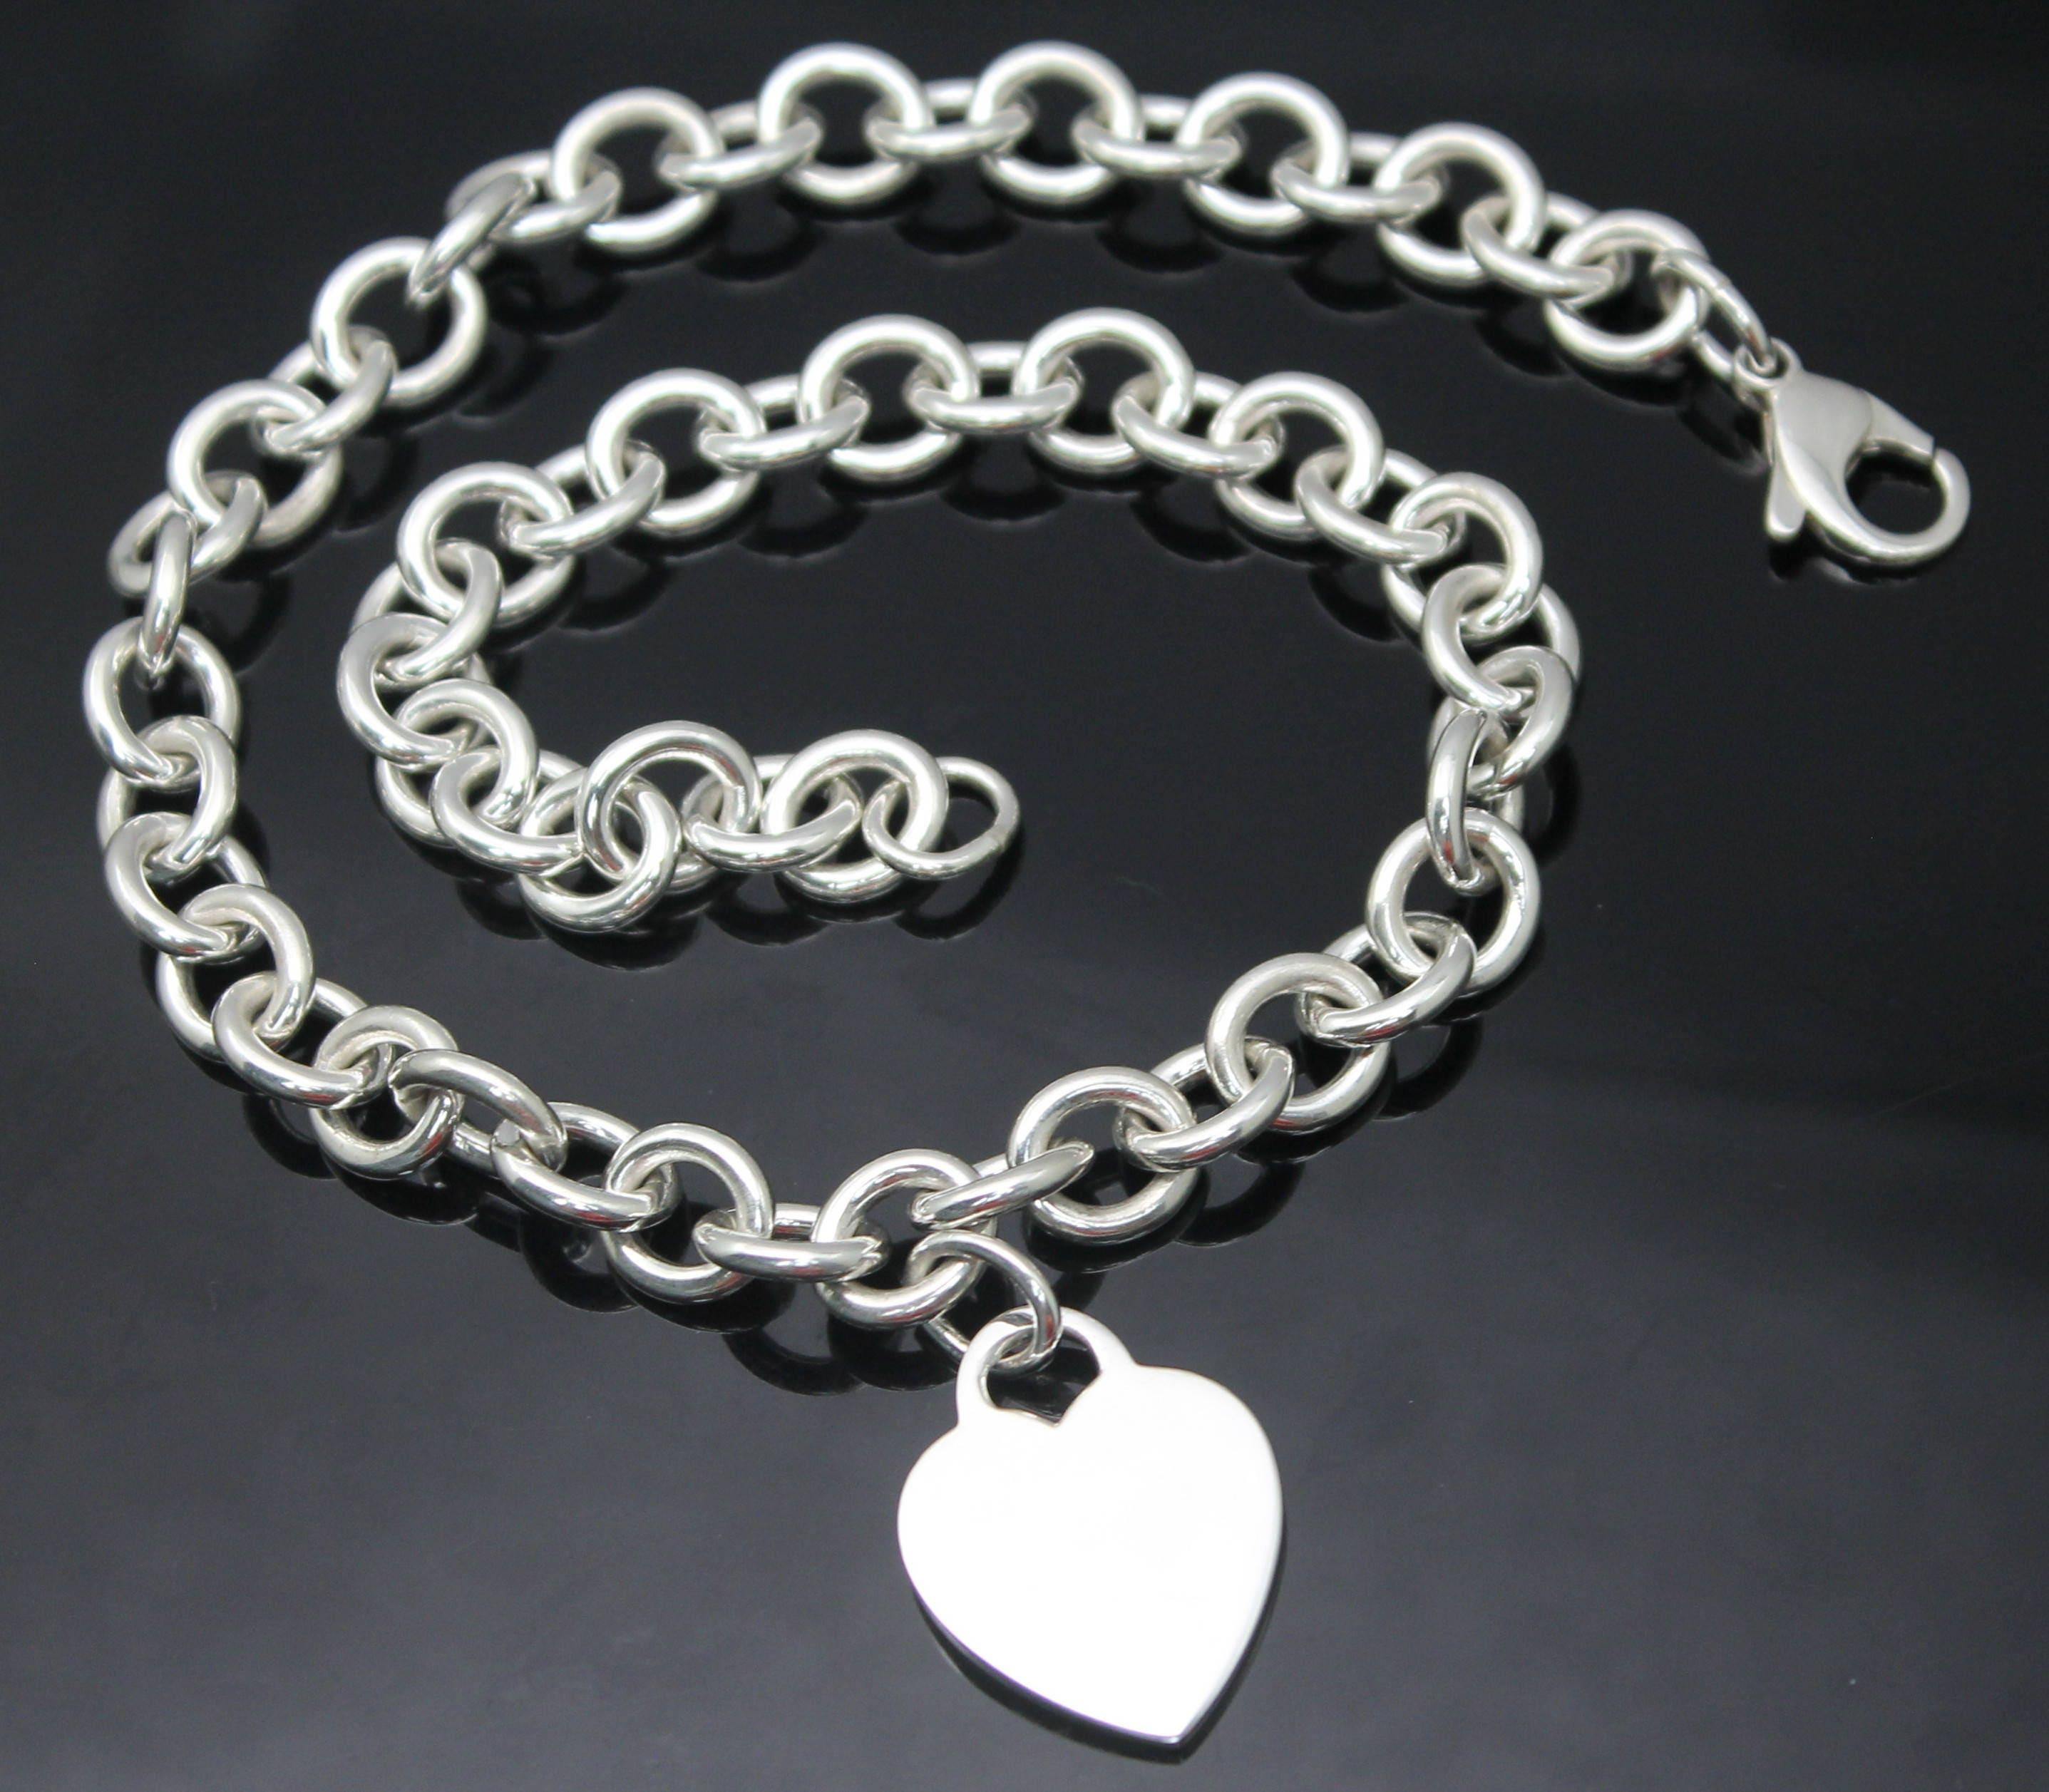 f764335e3 GIFT IDEA Authentic Tiffany & Co Signature Large Heart Tag | Etsy